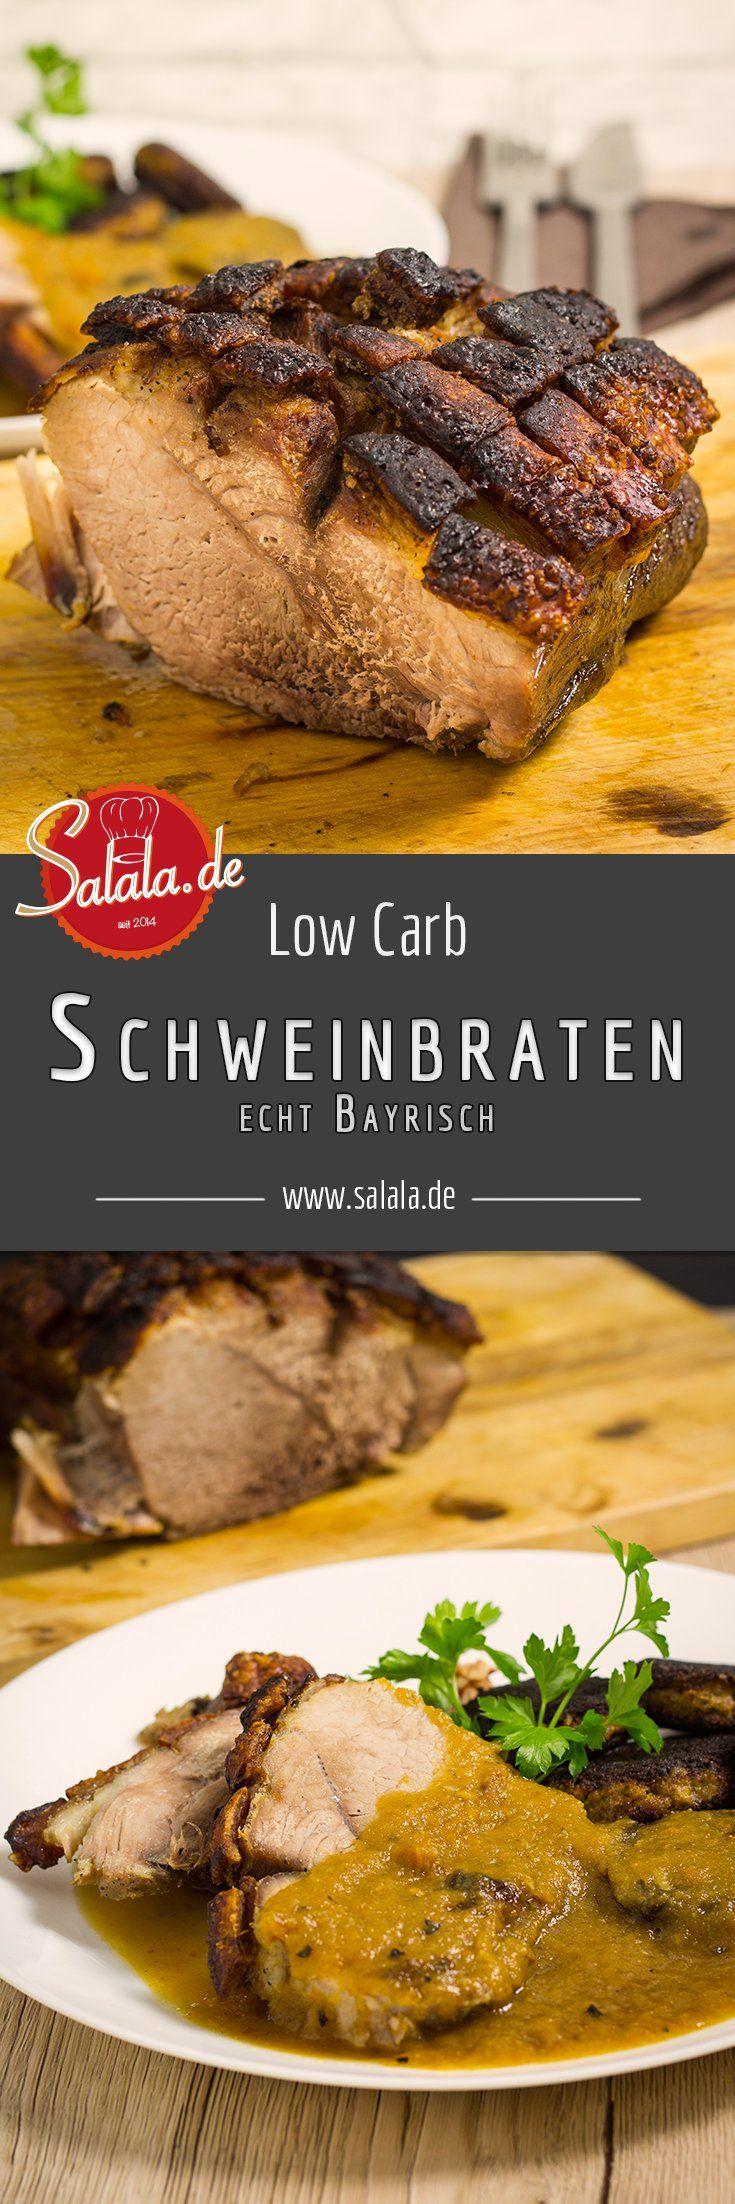 Echter bayrischer Schweinebraten oder Krustenbraten, so wie wir ihn hier lieben. Knusprig, würzig und eine absolut himmlische Sauce! Und das mit nur 4 g Kohlenhydraten pro Portion. Absolut Low Carb und ketogen. - salala.de